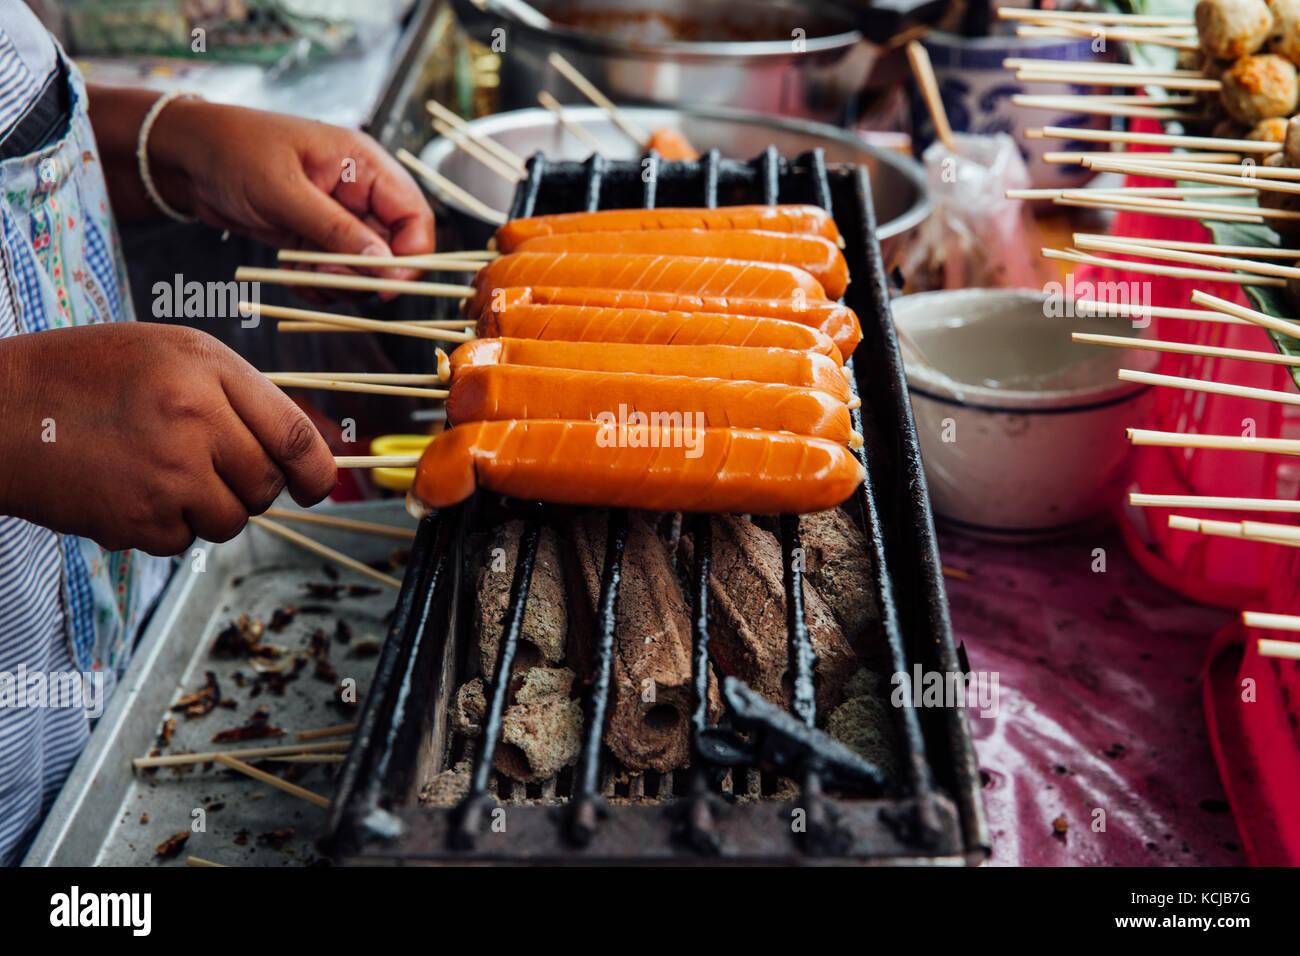 Un venditore ambulante rende tailandese alla griglia salsicce su spiedini al mercato warorot, Chiang Mai, Thailandia. Immagini Stock